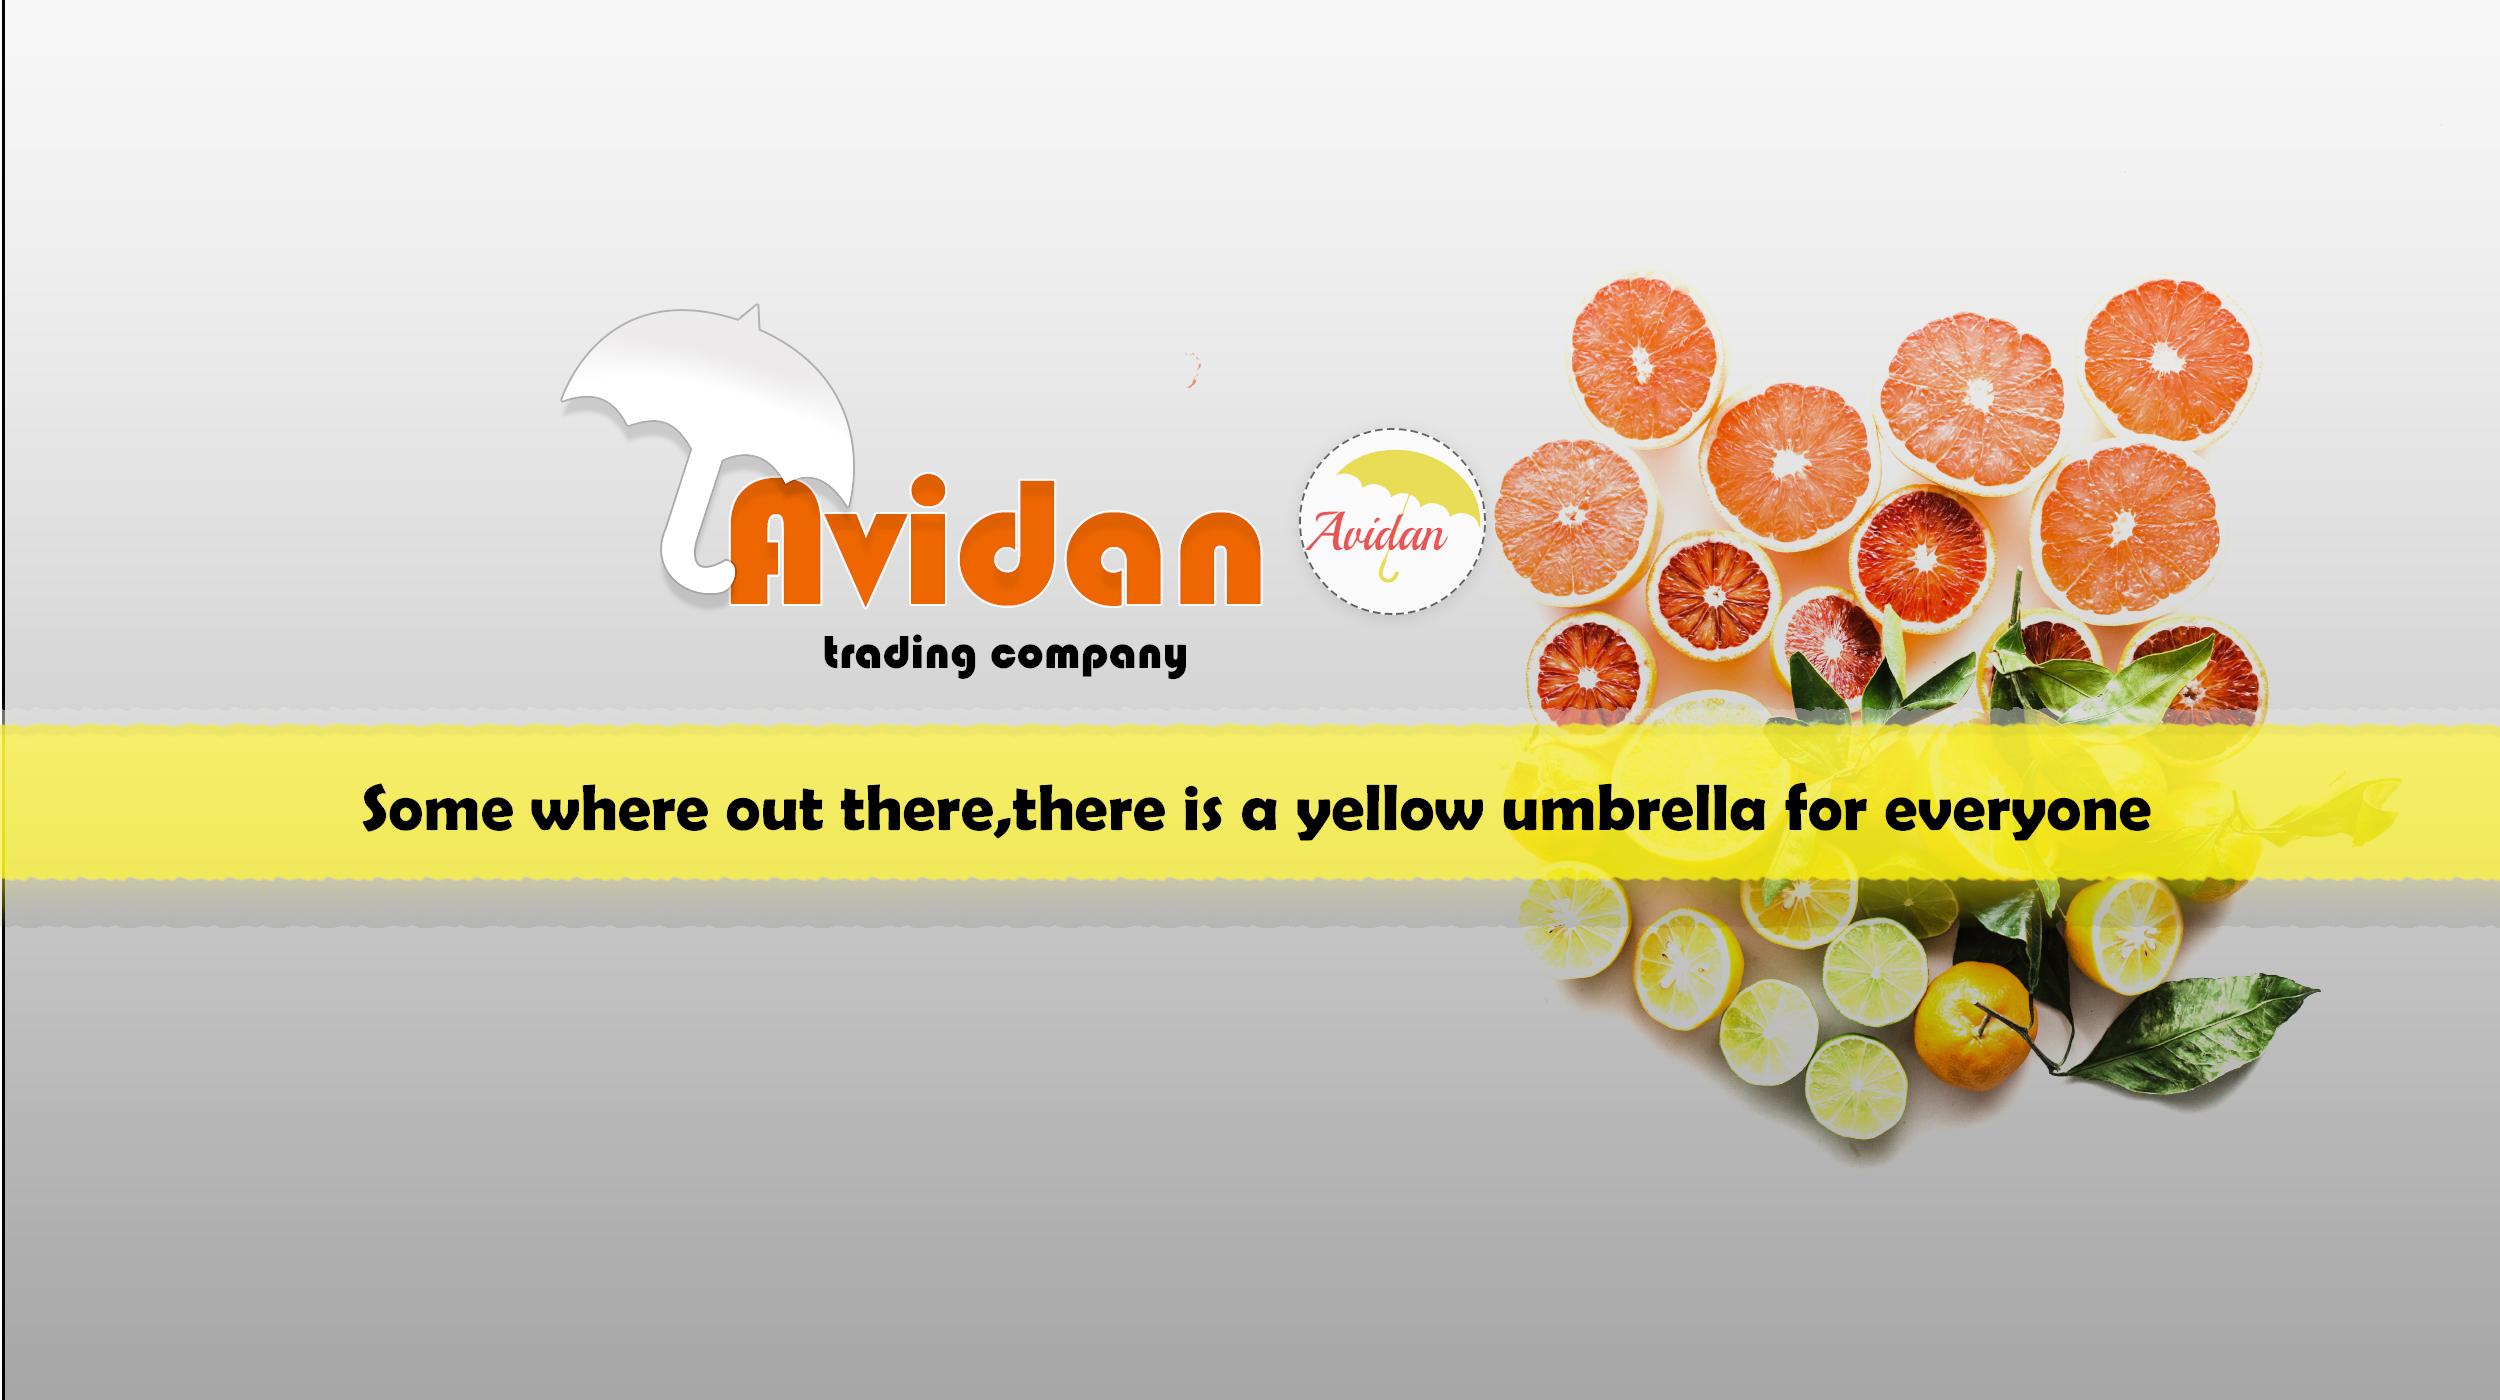 Avidan Food Trading Company